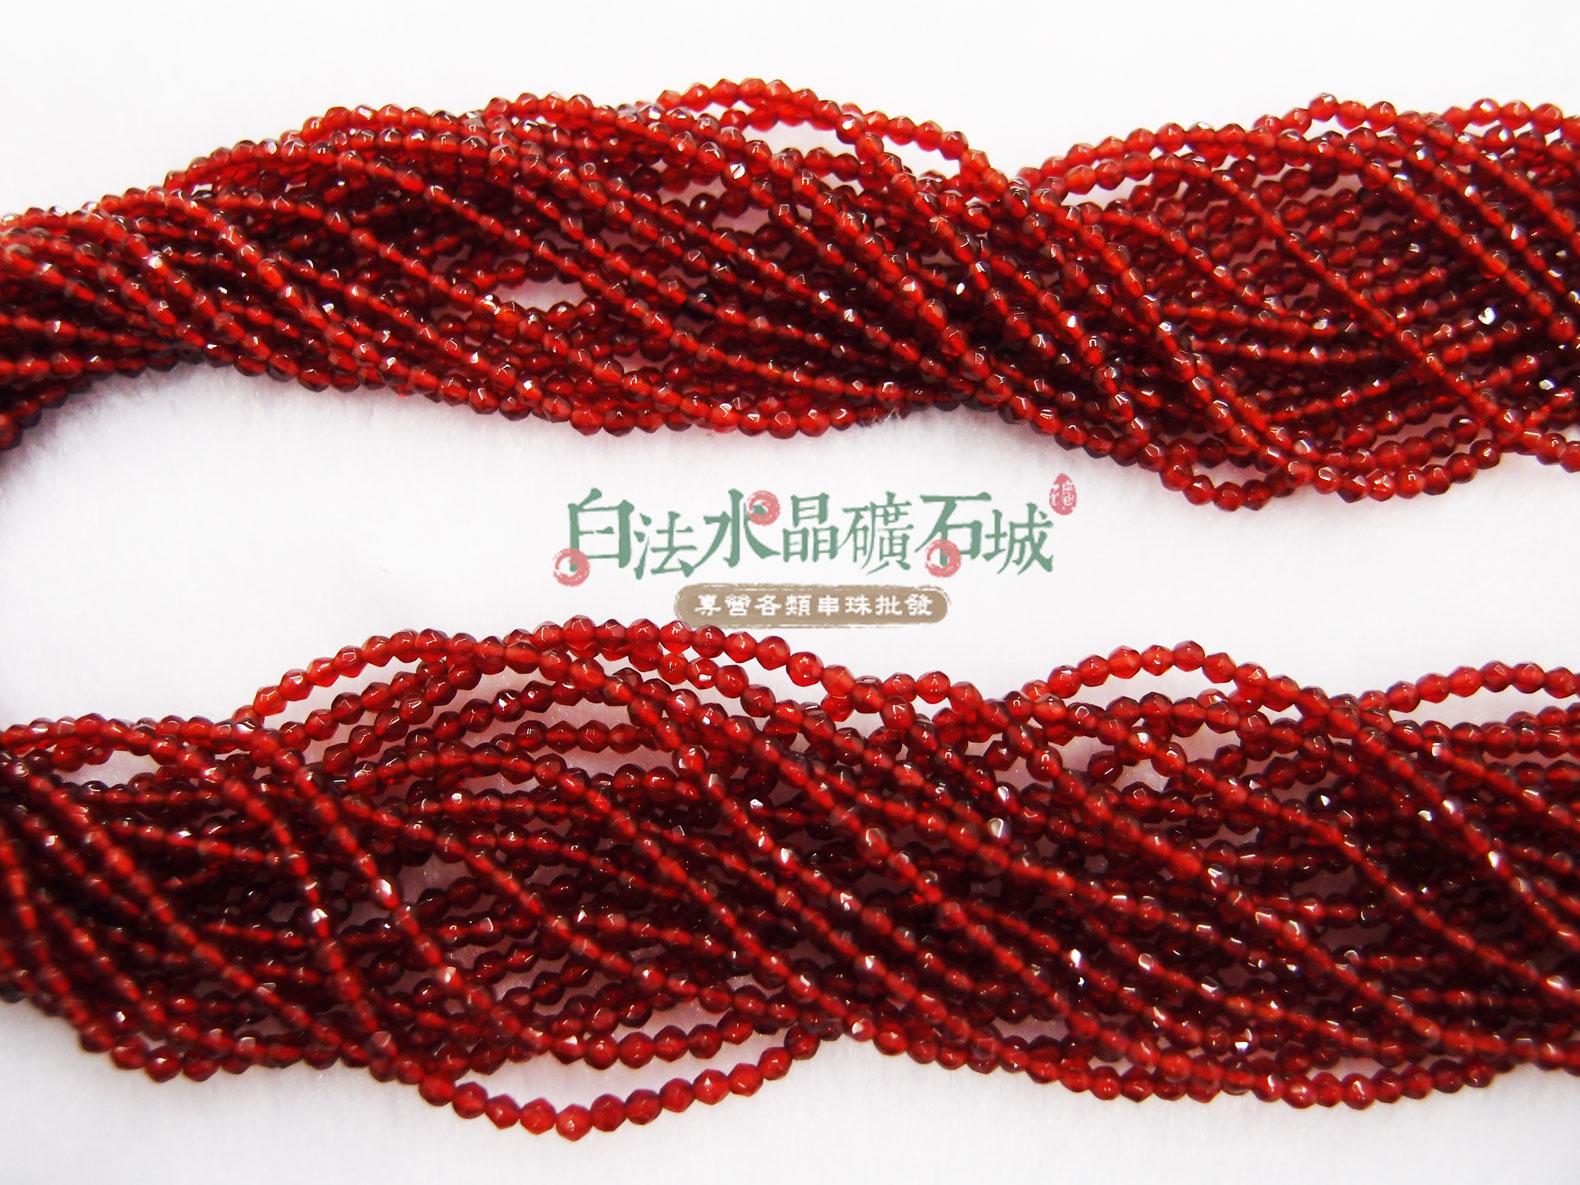 白法水晶礦石城     紅玉髓  紅瑪瑙 2mm 色澤-全紅  切面 特級品  串珠/條珠  首飾材料